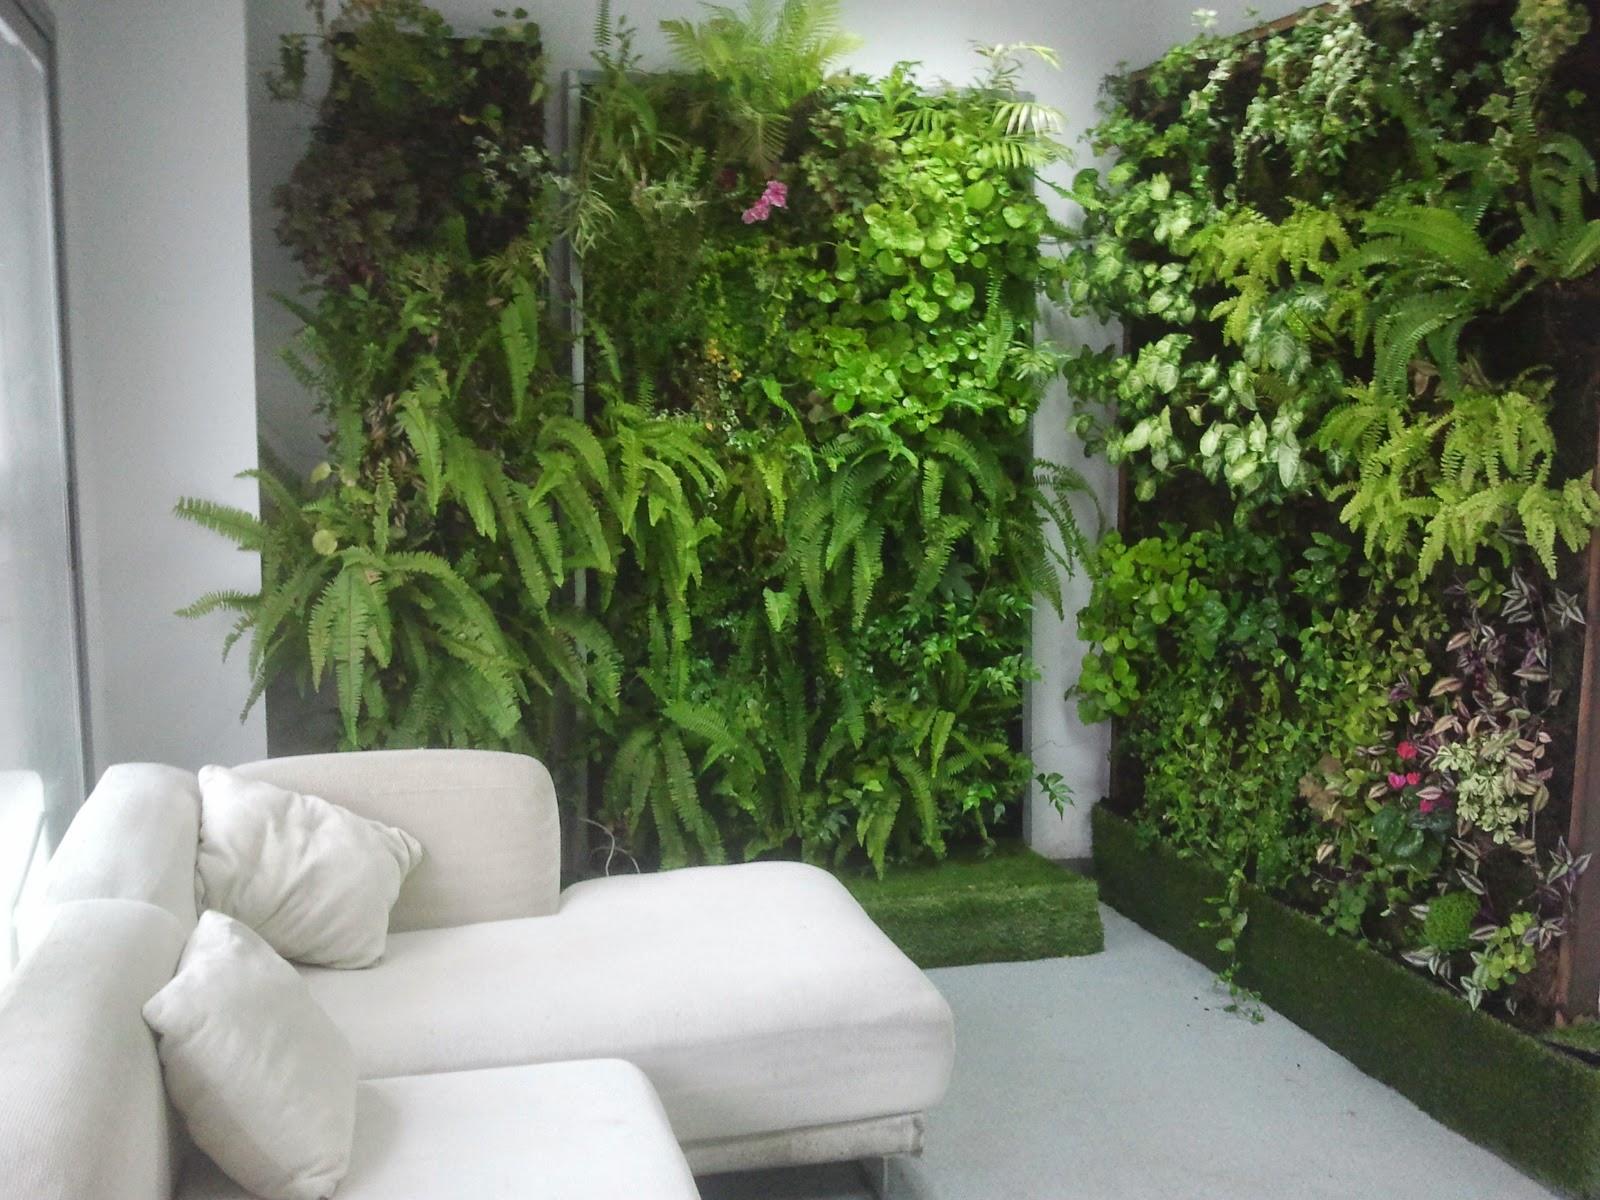 Como hacer un jardin vertical - Plantas para jardines verticales ...